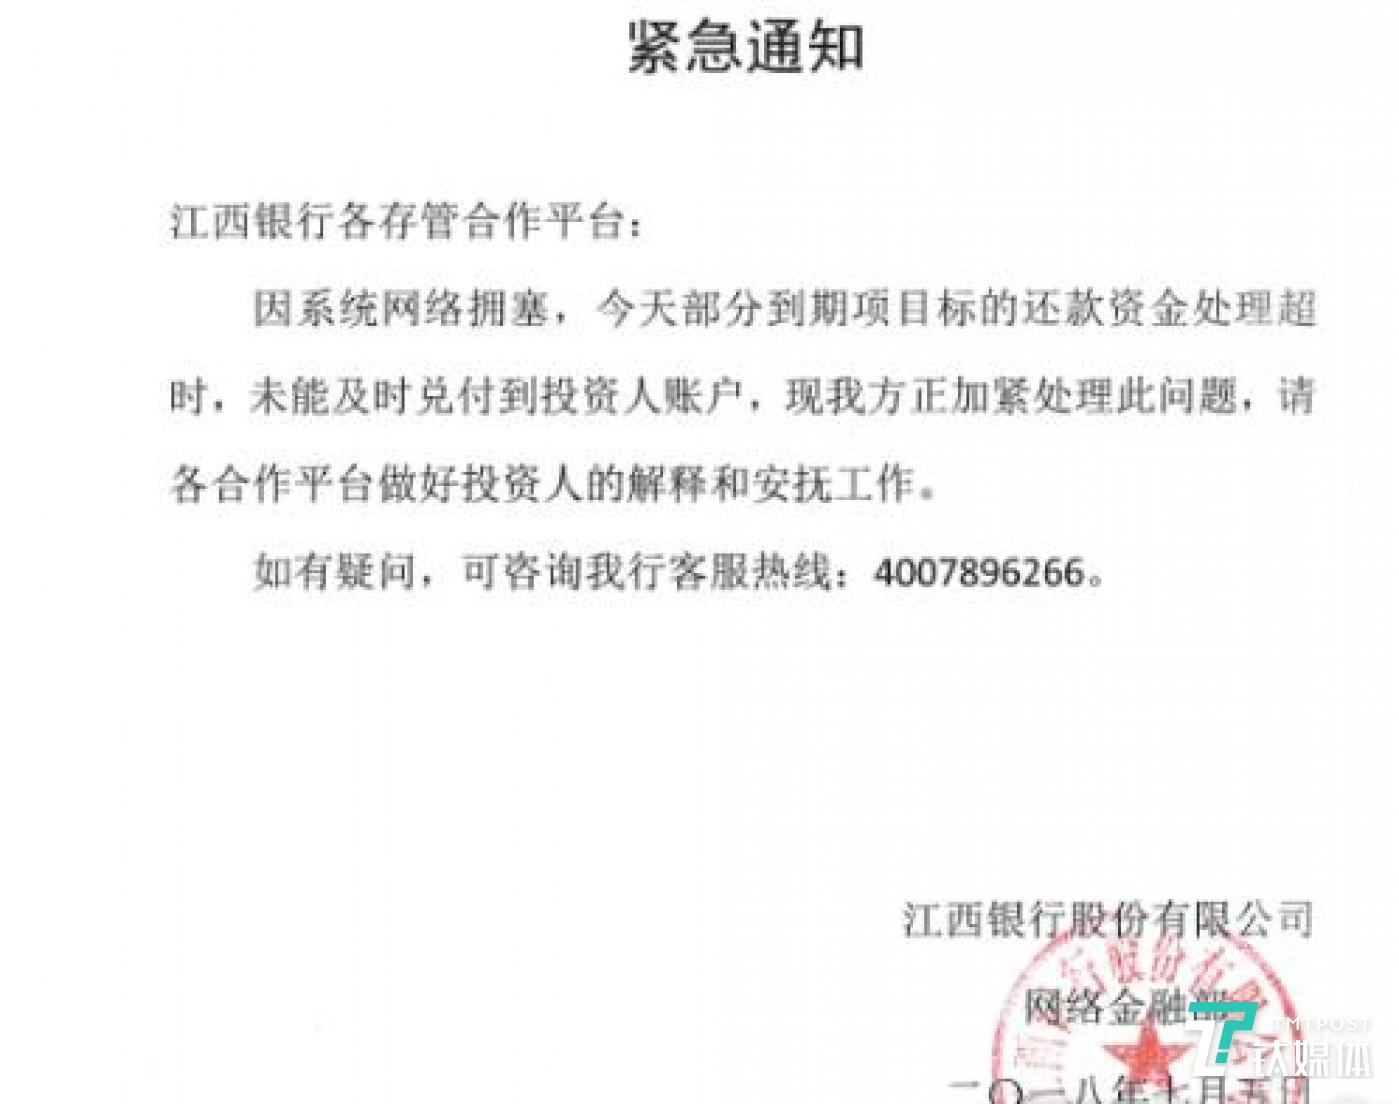 由于投资者集中兑付,江西银行P2P存管系统兑付超时问题